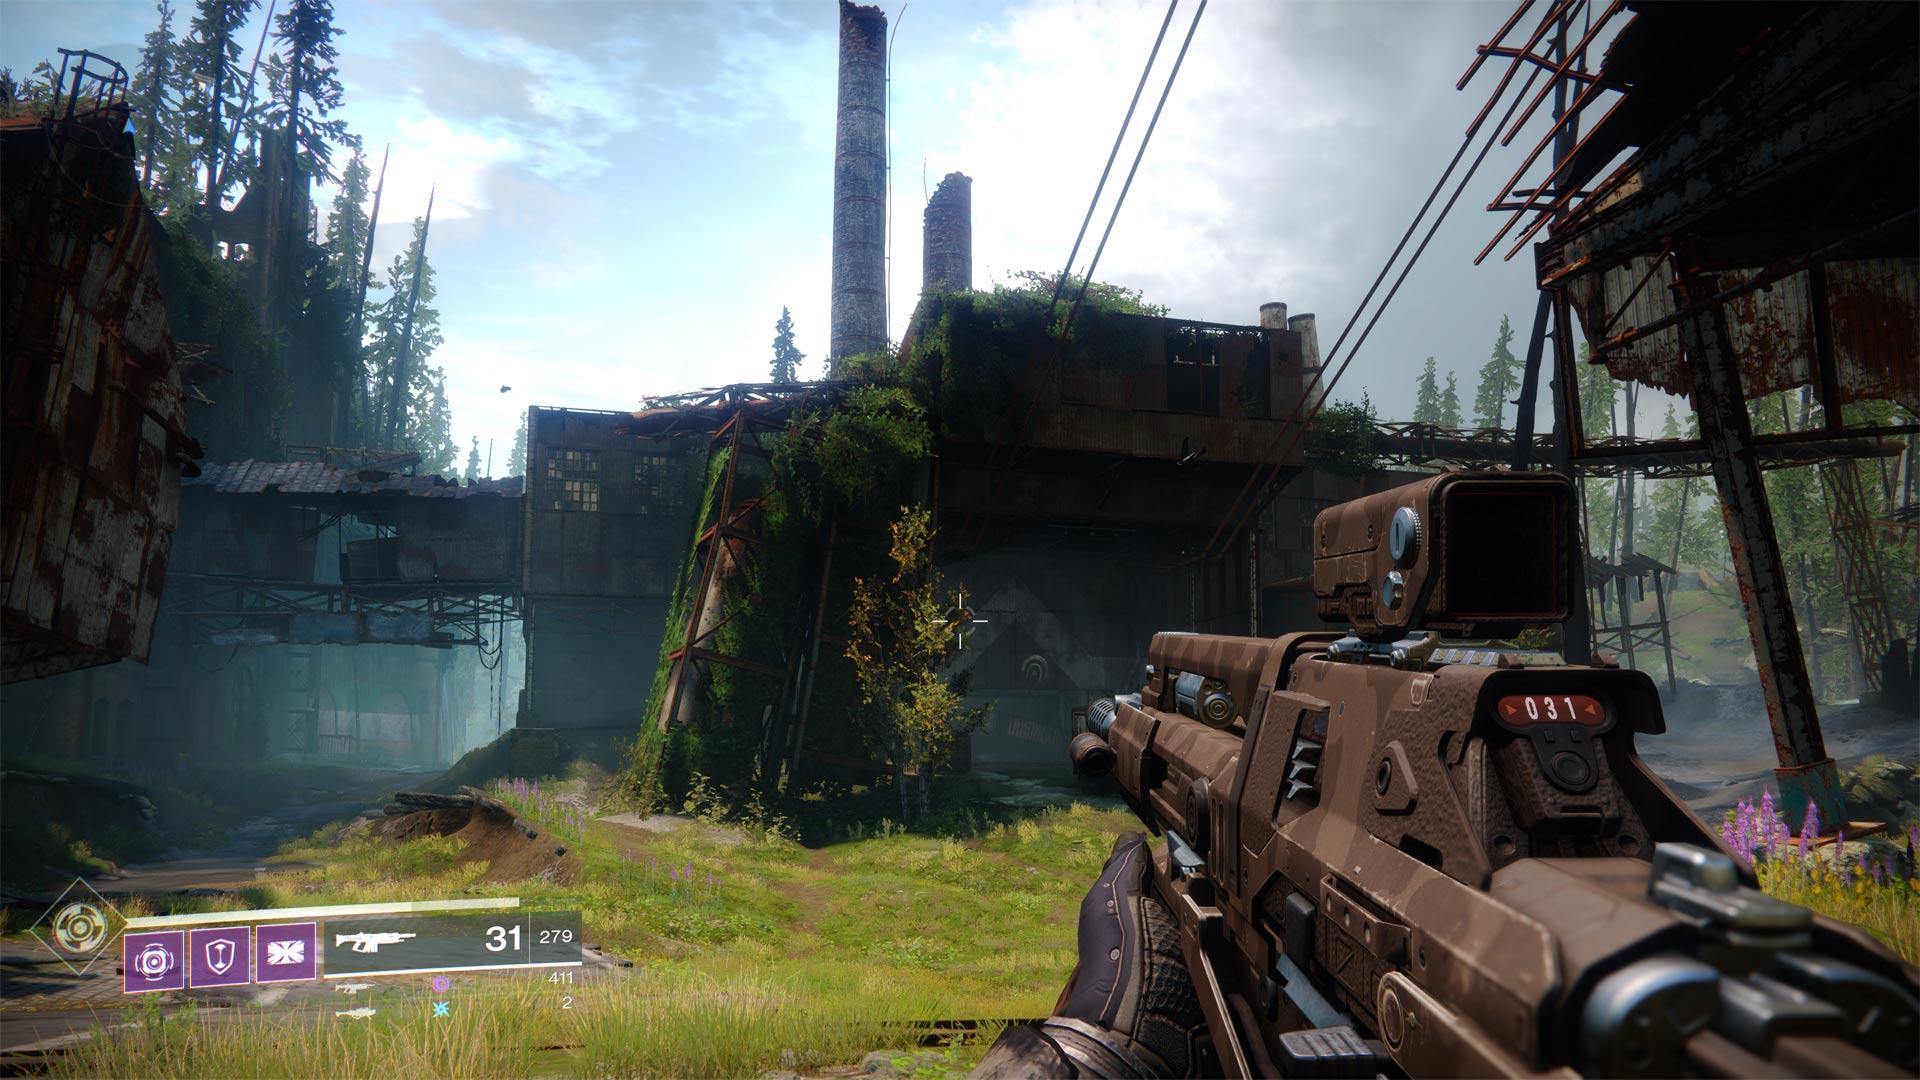 368e5bd18c1 Destiny 2 Xbox One X Enhanced Impressions - Gamerheadquarters